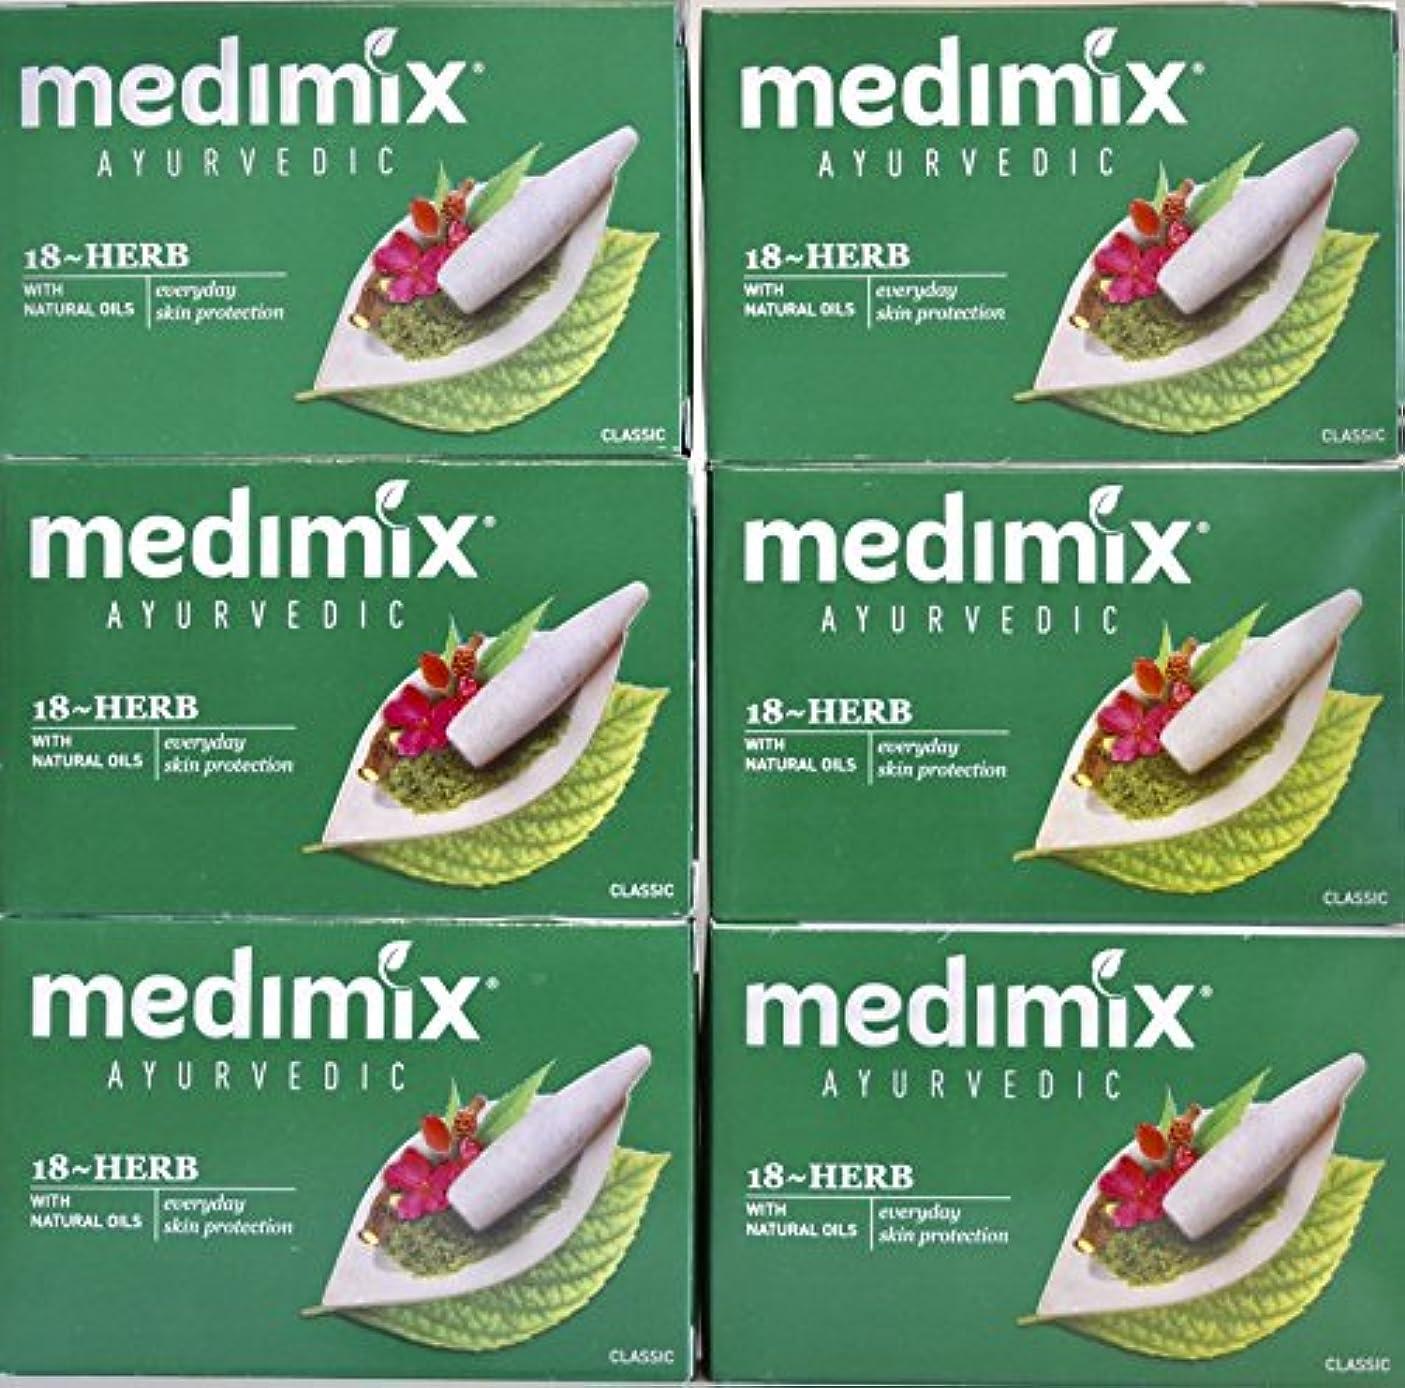 唇お互い簡潔なMEDIMIX メディミックス アーユルヴェーダ石鹸 18ハーブス6個セット